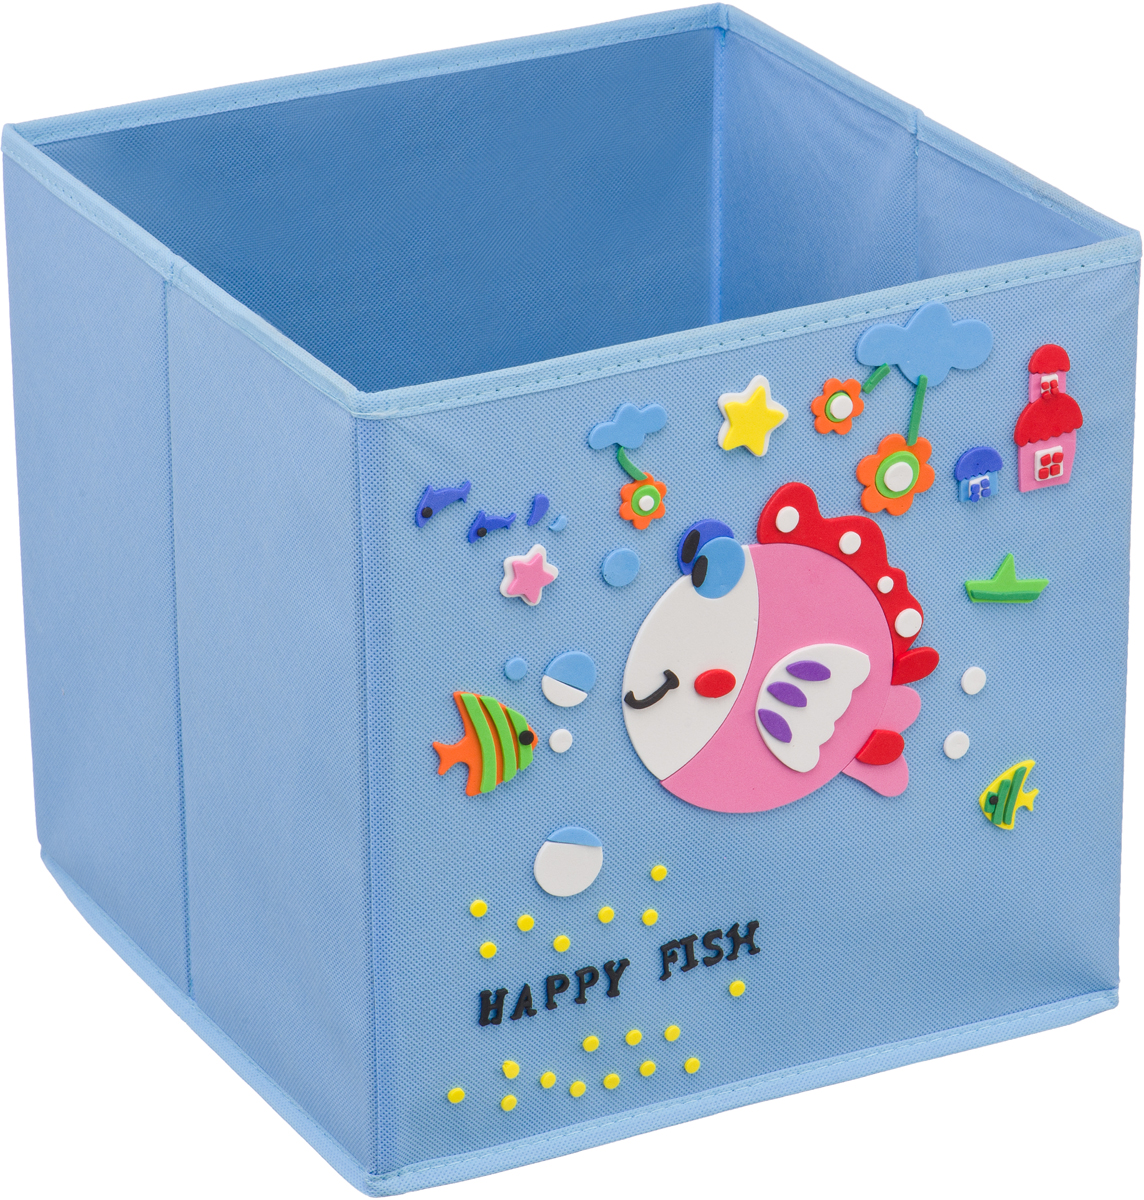 Кофр для хранения Handy Home Рыбка, с аппликацией, цвет: голубойUC-109Кофр с аппликацией - универсальная система для домашнего хранения, которая дополняется интересной аппликацией с эксклюзивным и веселым детским дизайном для оформления фронтальной стороны короба. Комплект представляет собой складной короб из нетканого материала и картона, плюс самоклеящаяся аппликация из полимера, которую необходимо самому собрать в картину.Соберите всю увлекательную коллекцию у себя дома.